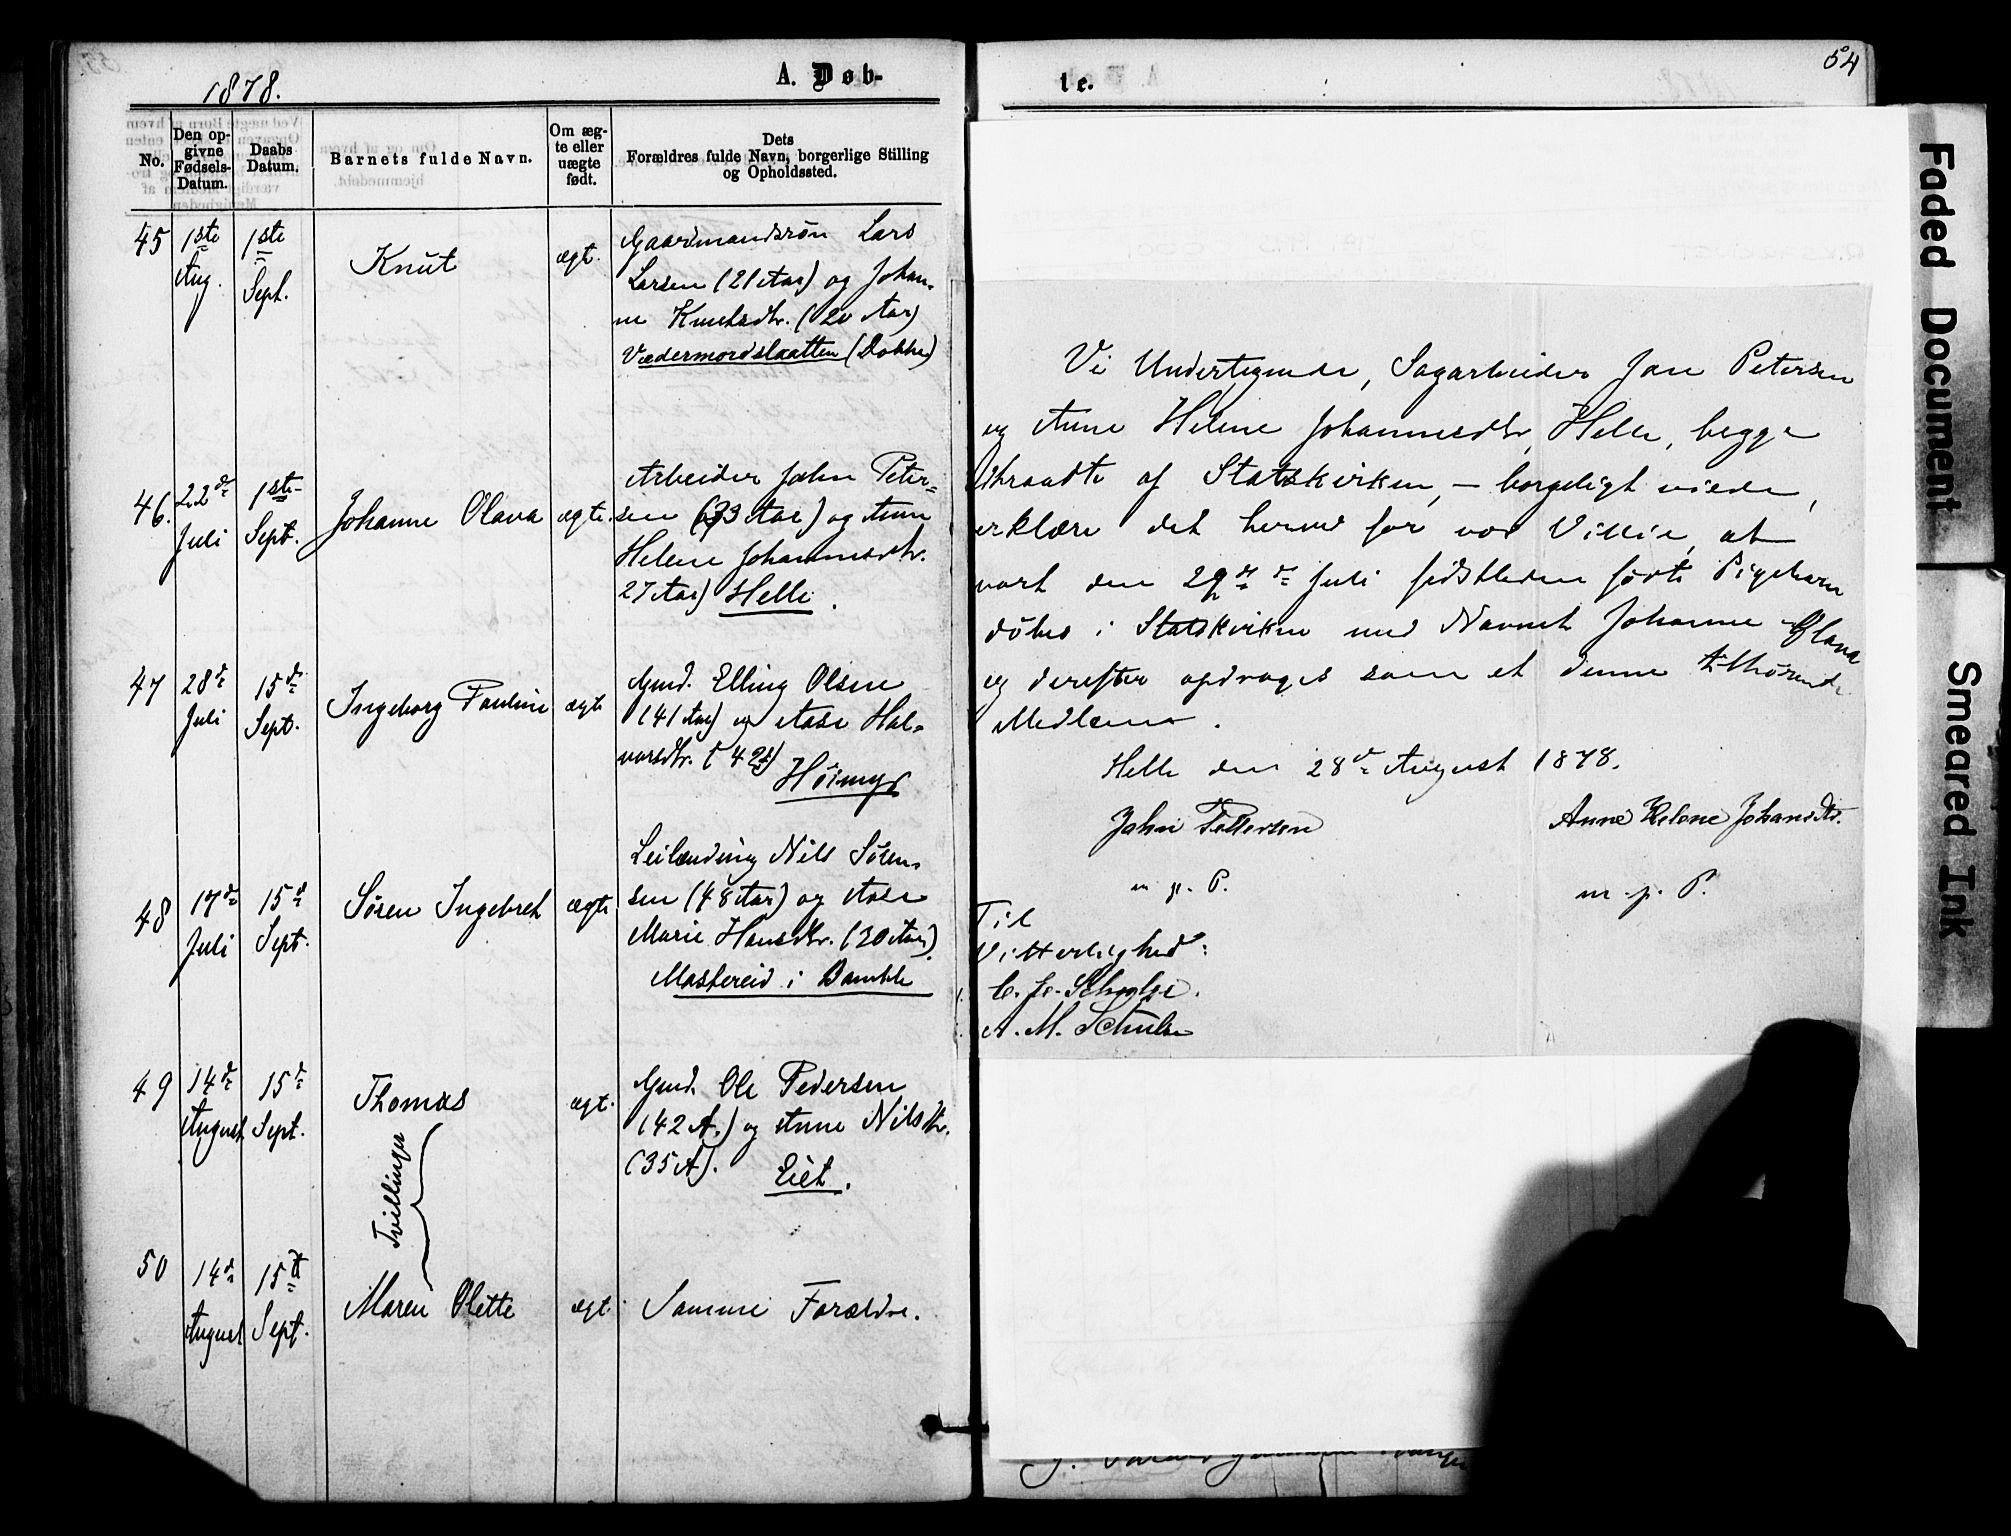 SAKO, Sannidal kirkebøker, F/Fa/L0014: Ministerialbok nr. 14, 1874-1883, s. 54